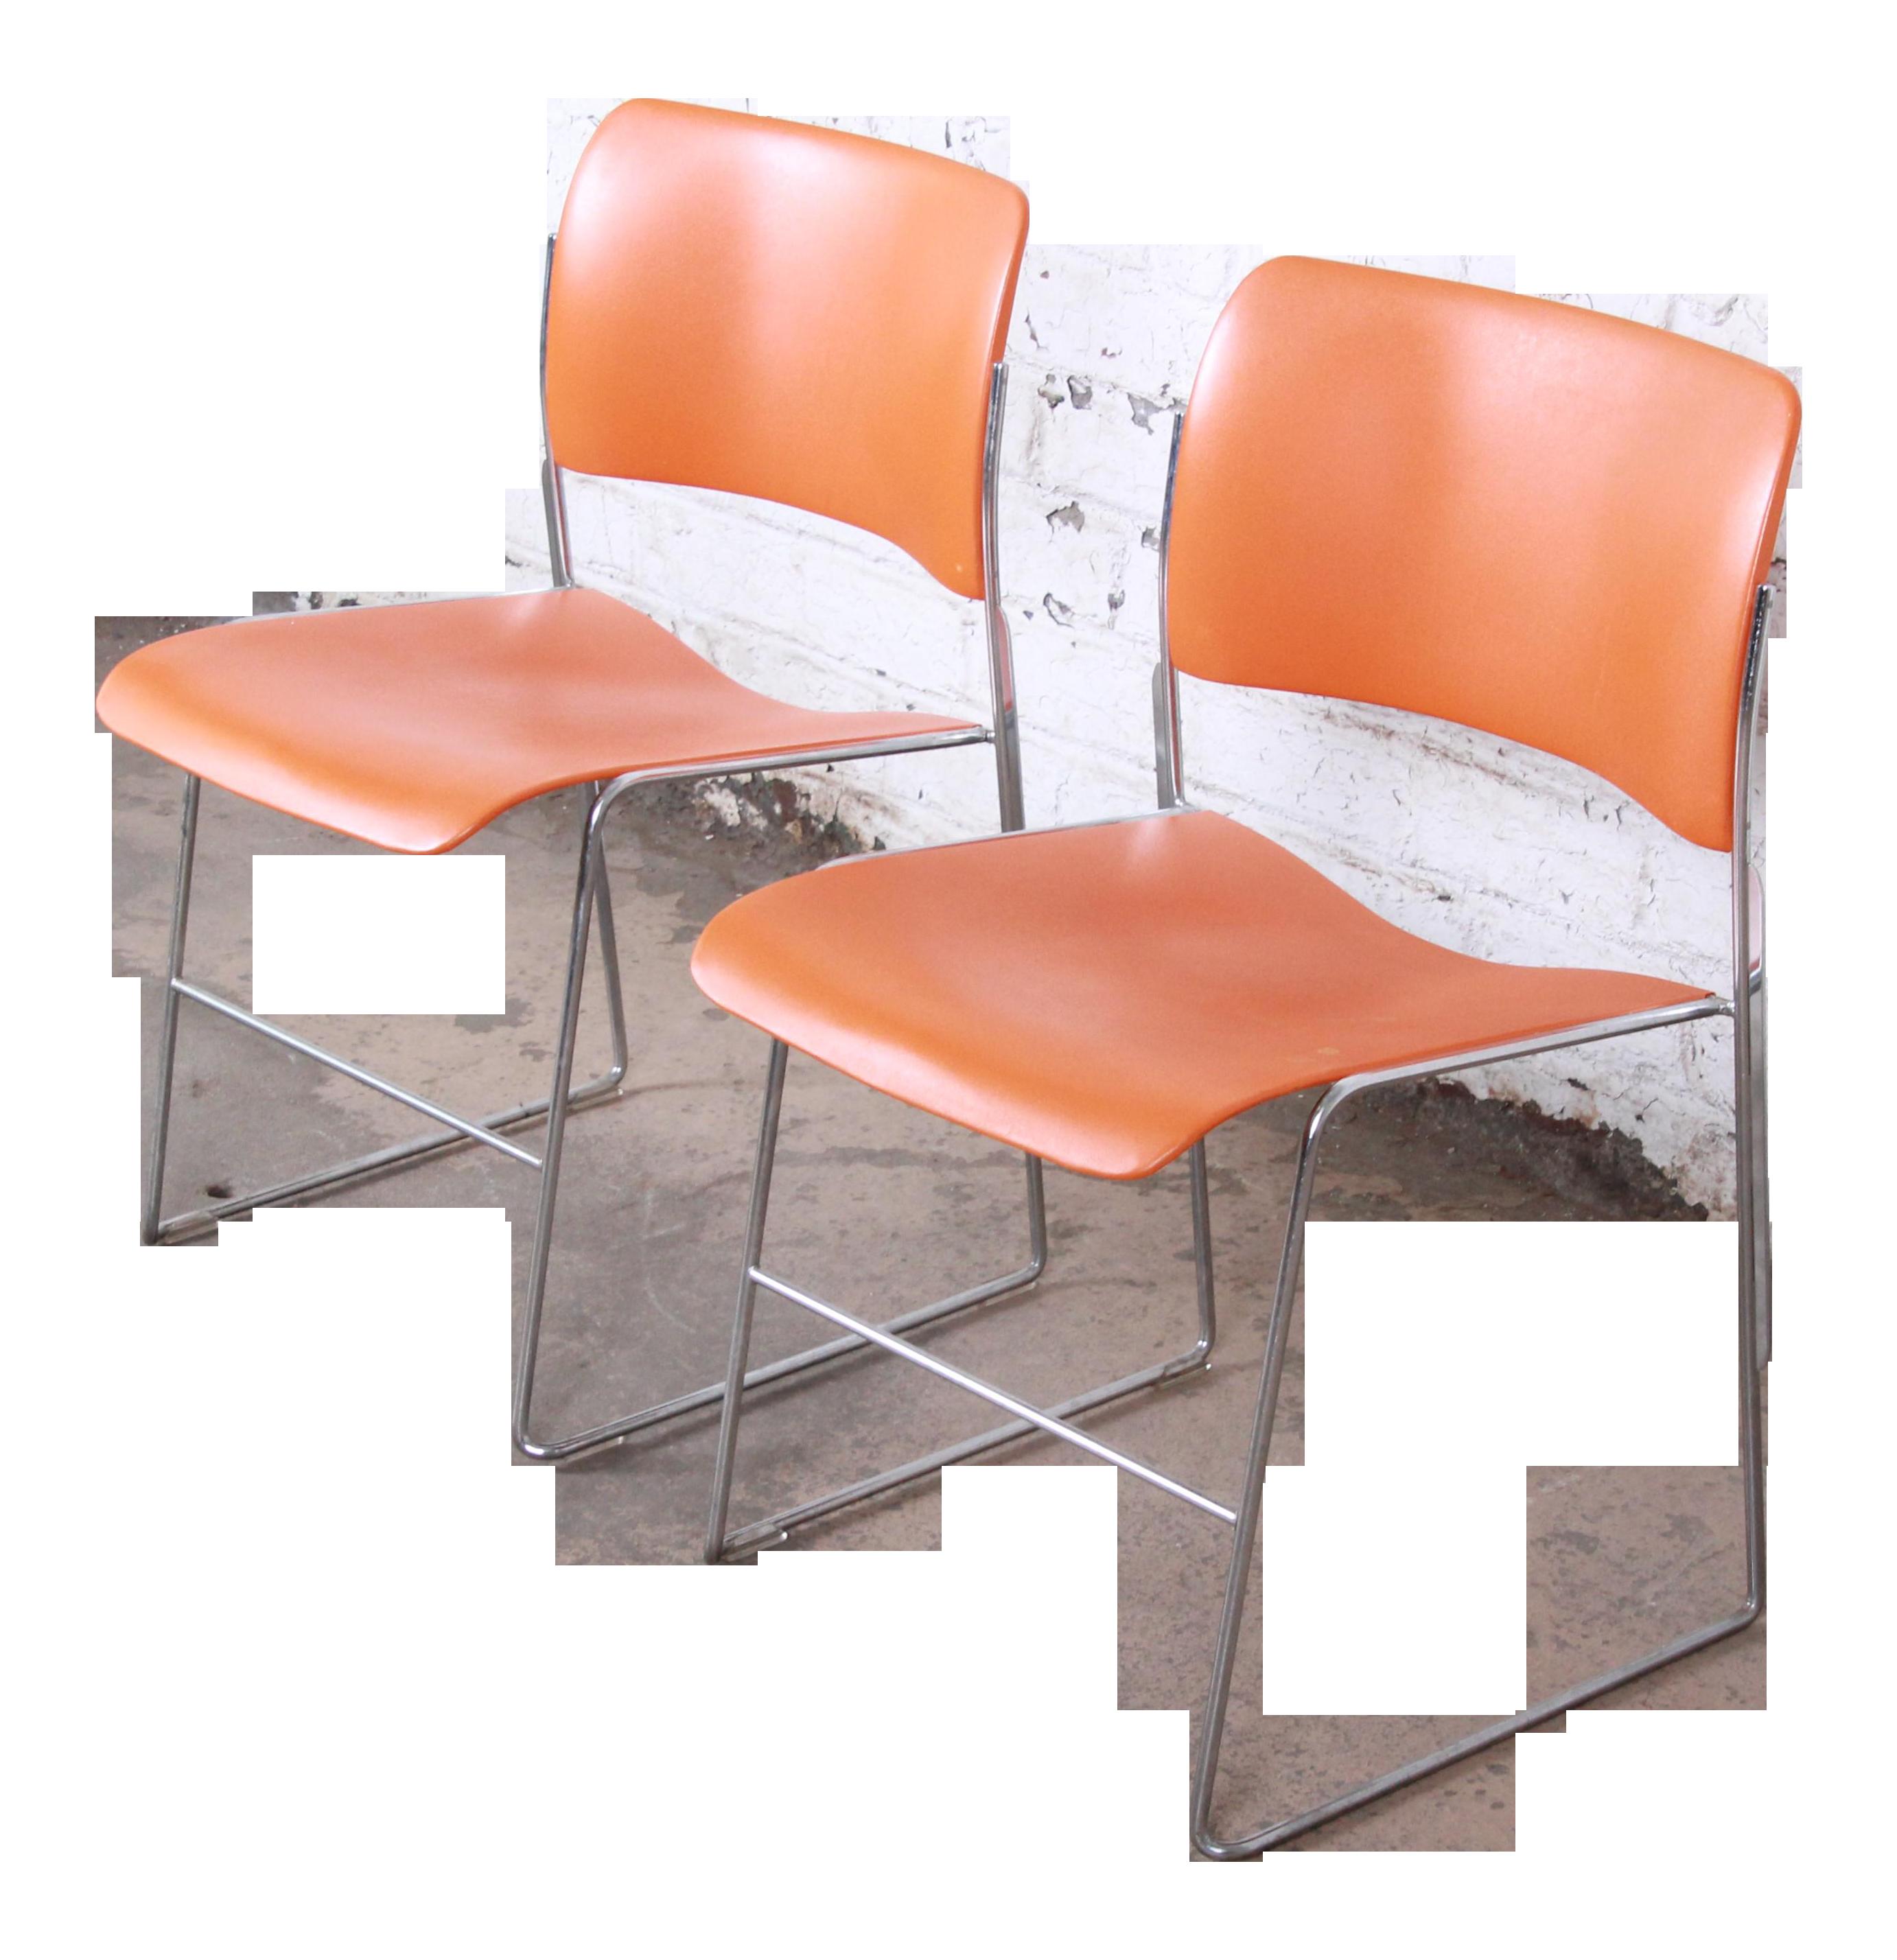 David Rowland 40 4 Orange And Chrome Stacking Chairs Pair